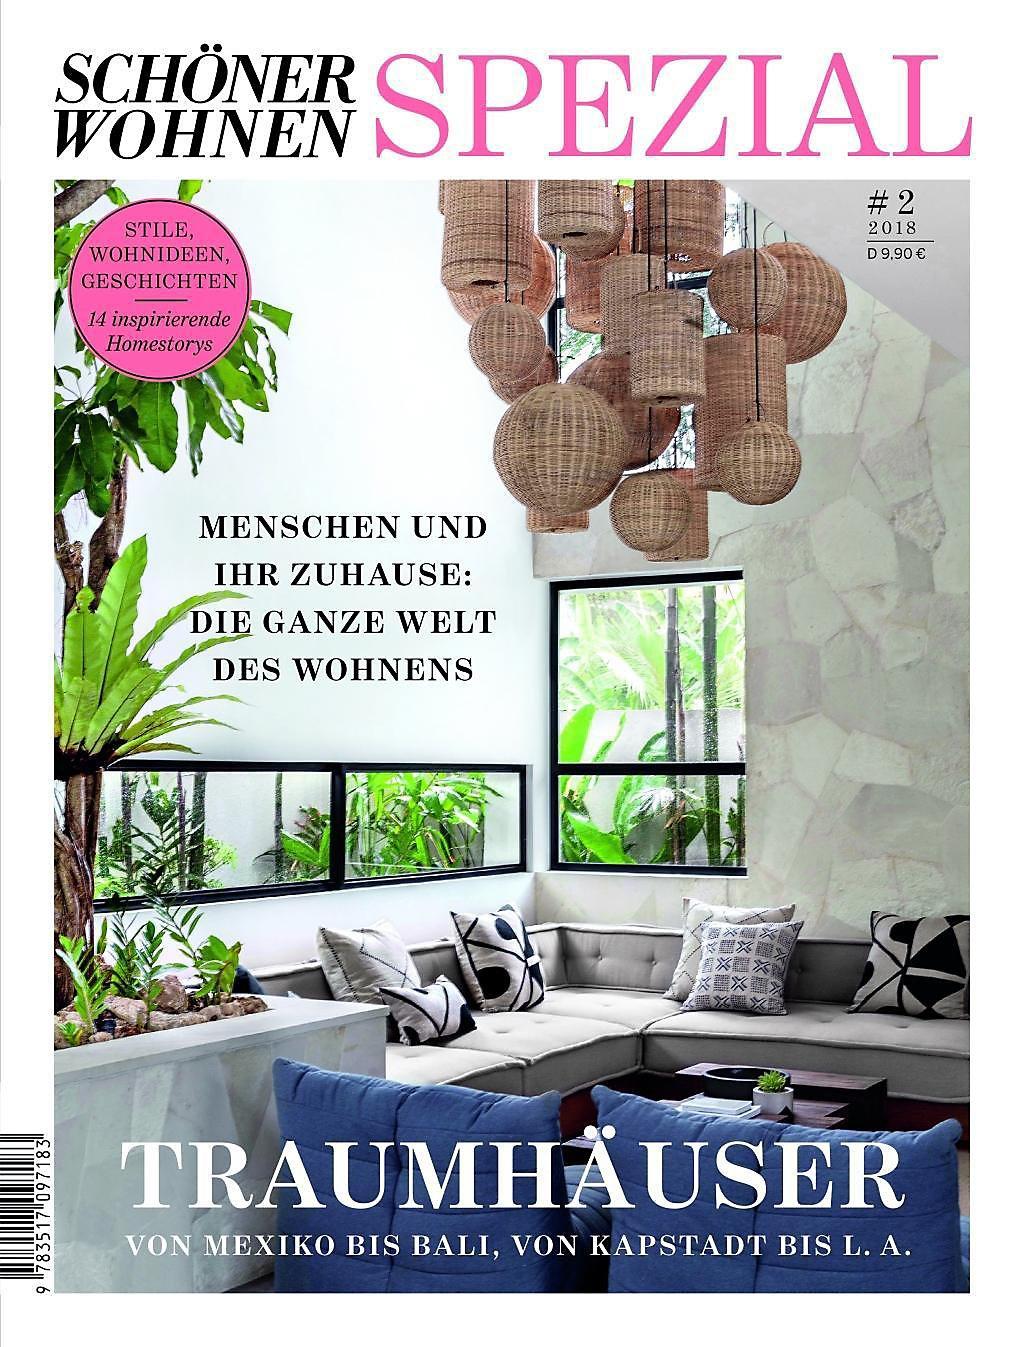 Schöner Wohnen Spezial - Traumhäuser Buch bestellen - Weltbild.de